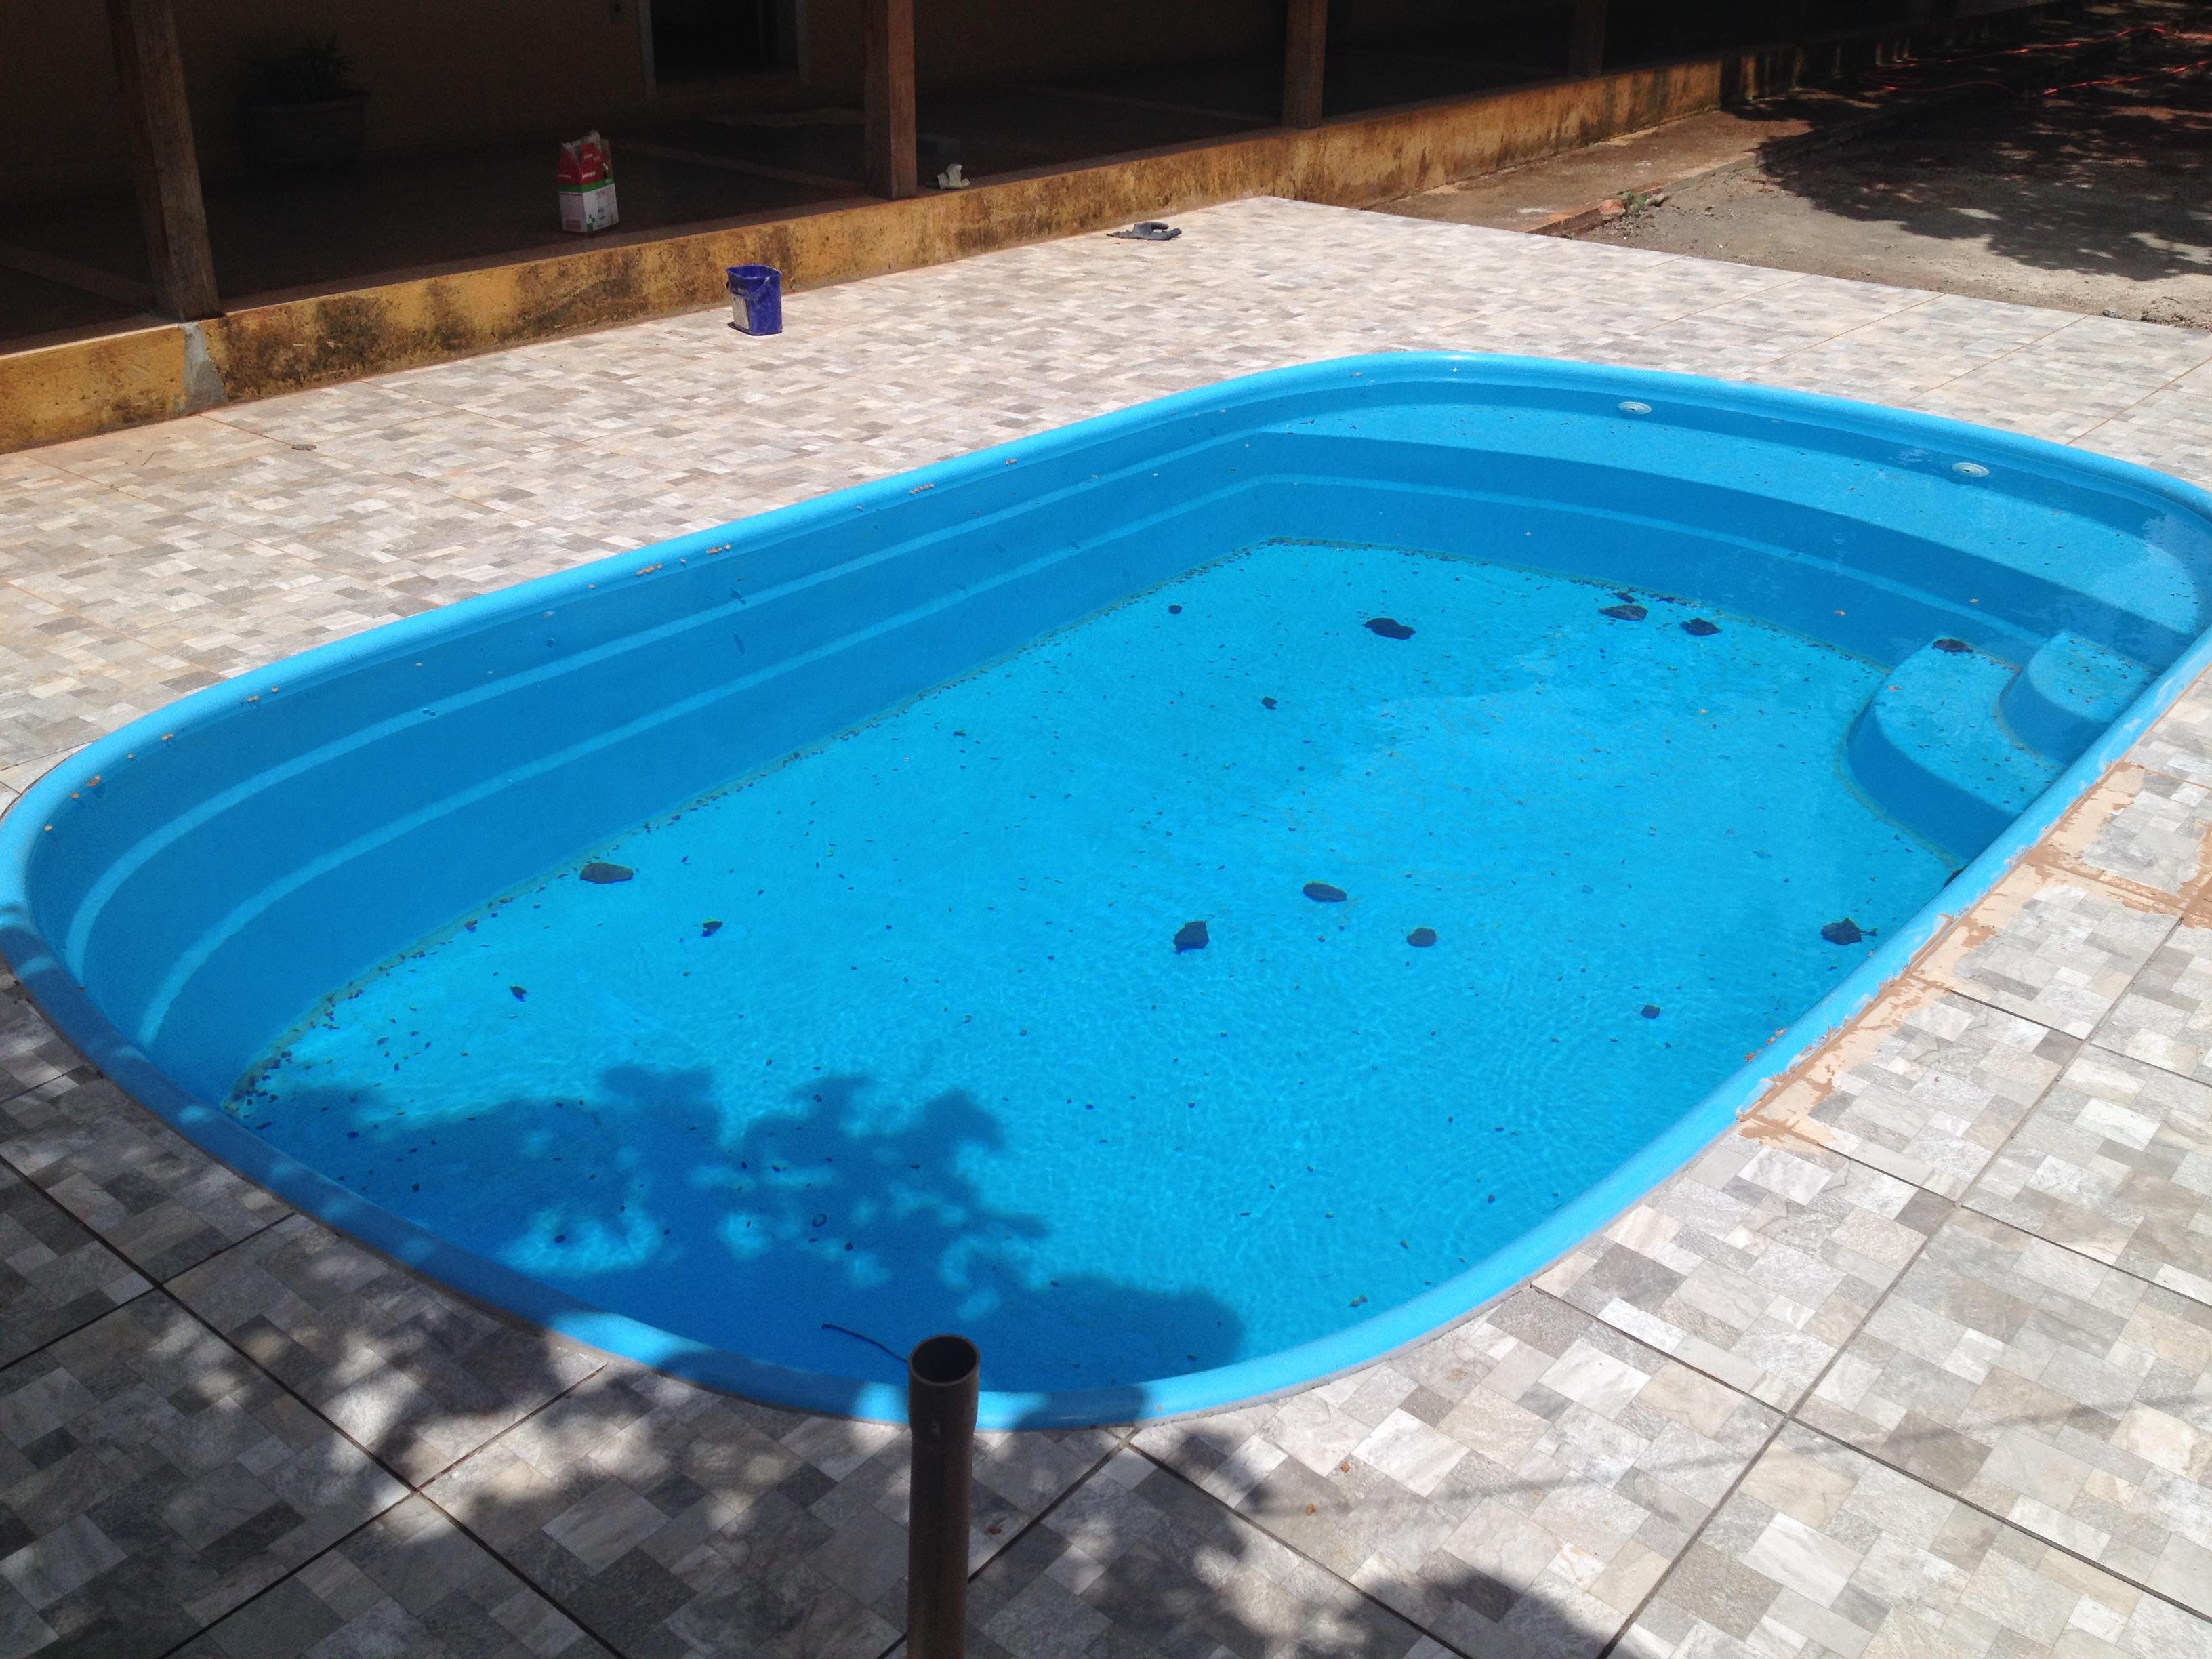 Piscina de fibra em belo horizonte casa da piscina for Piscinas de fibra pequenas precios